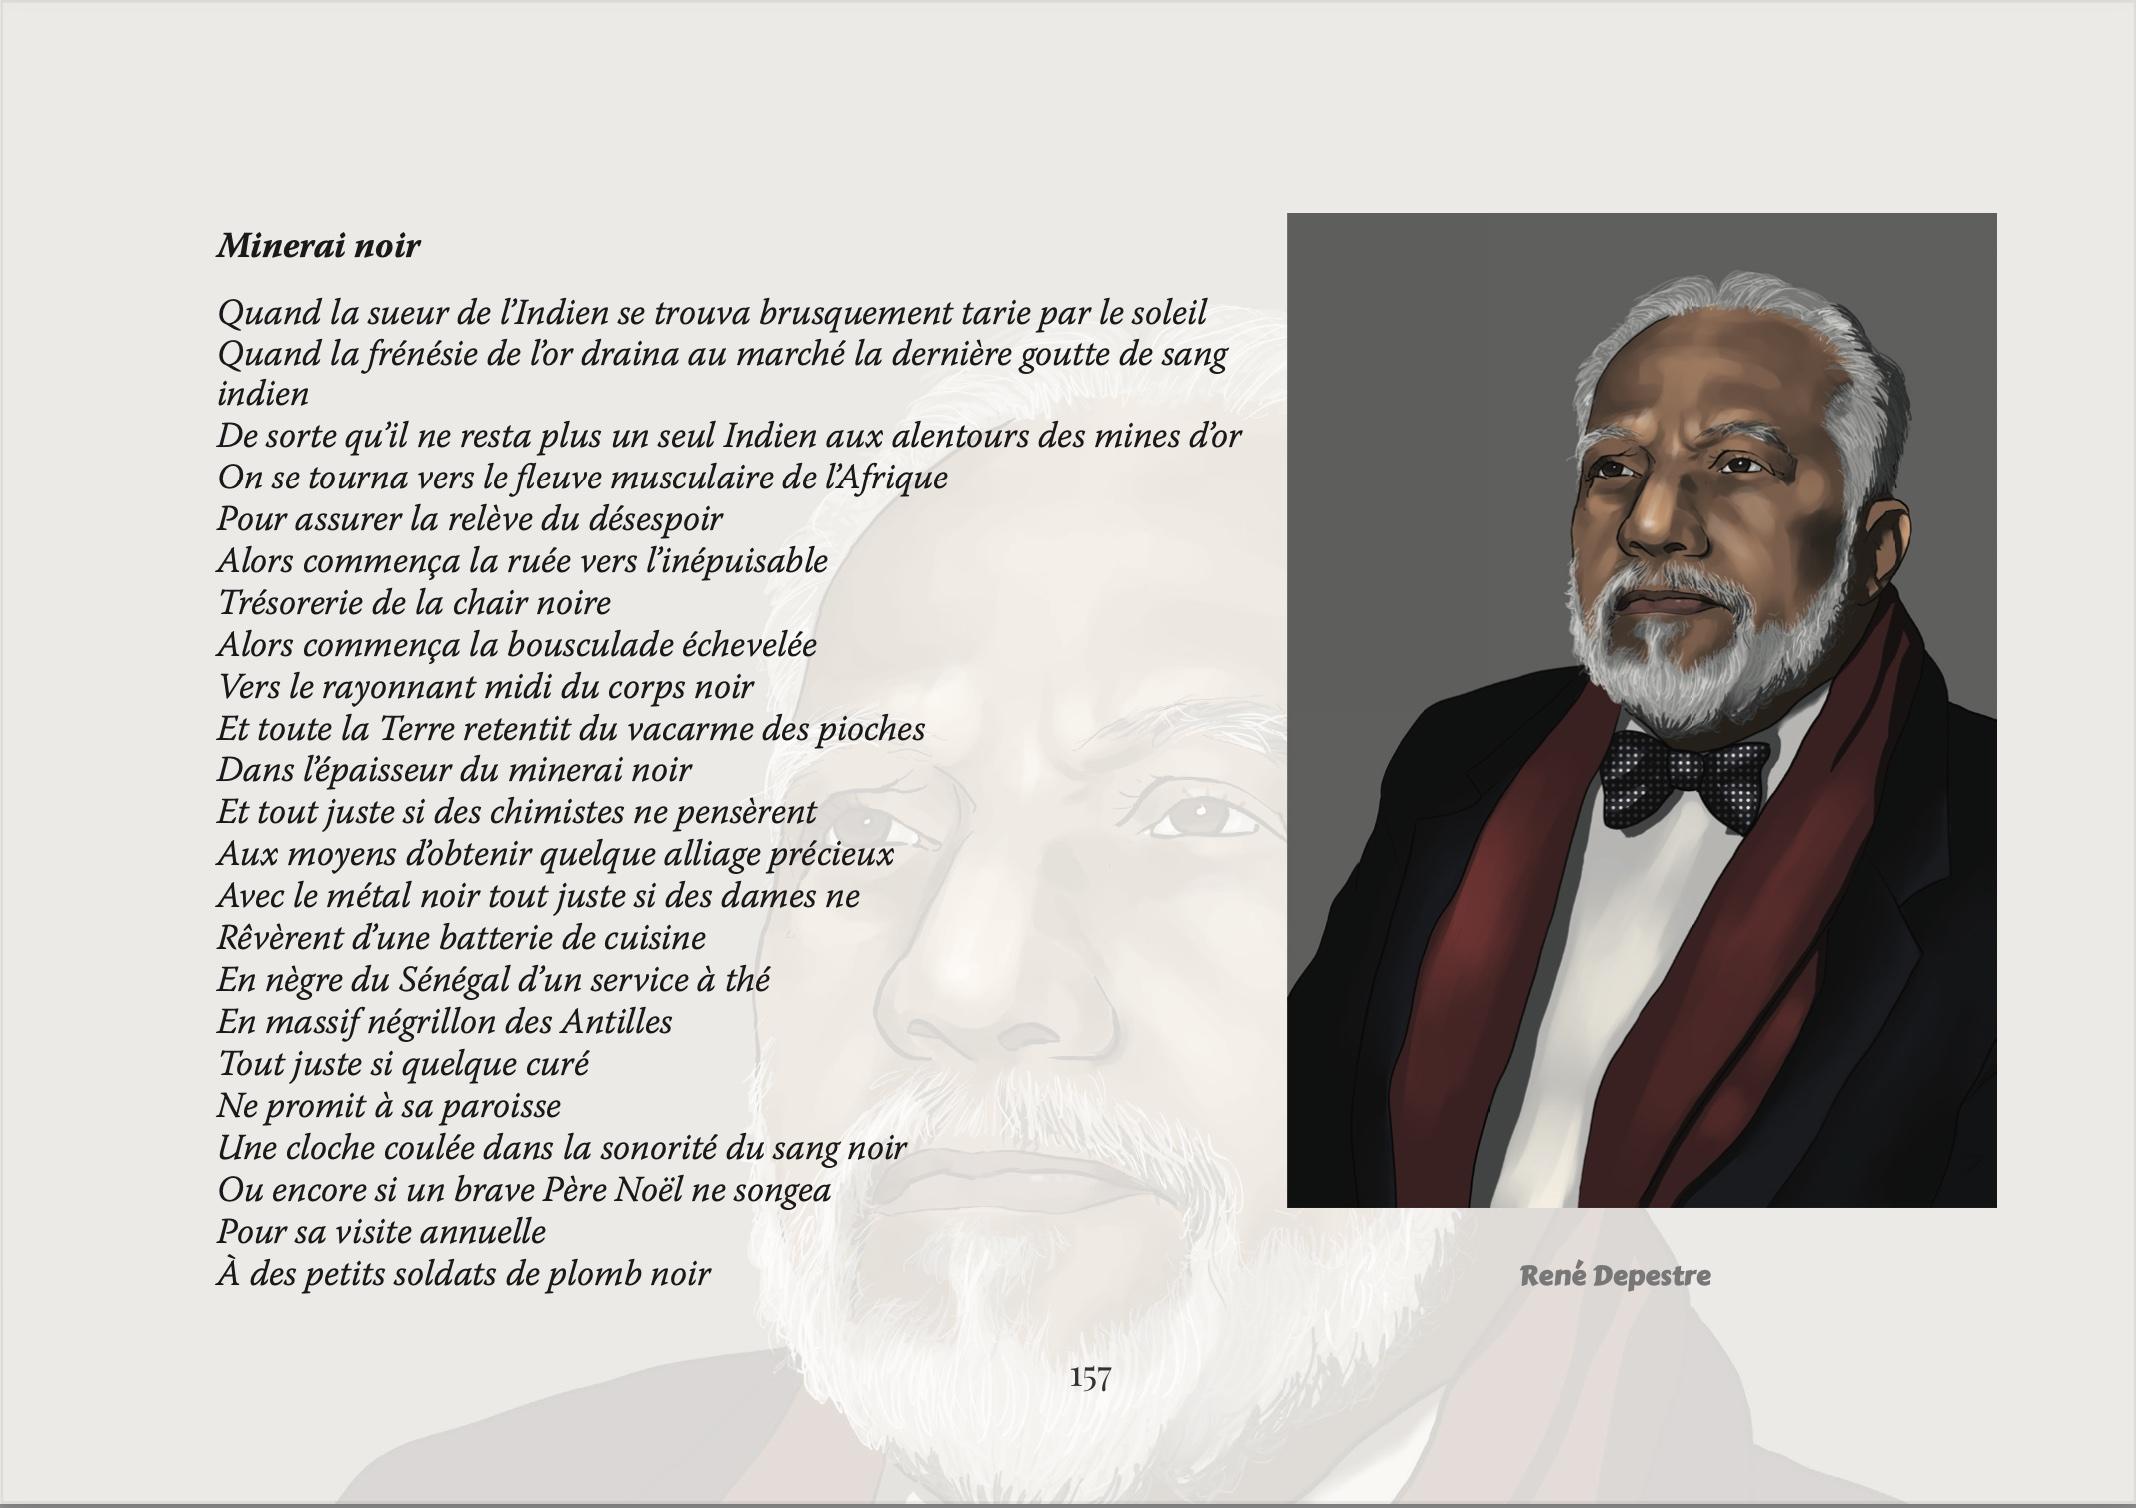 Le Centre International de Documentation et d'Information Haïtienne, Caribéenne et Afro-canadienne en France